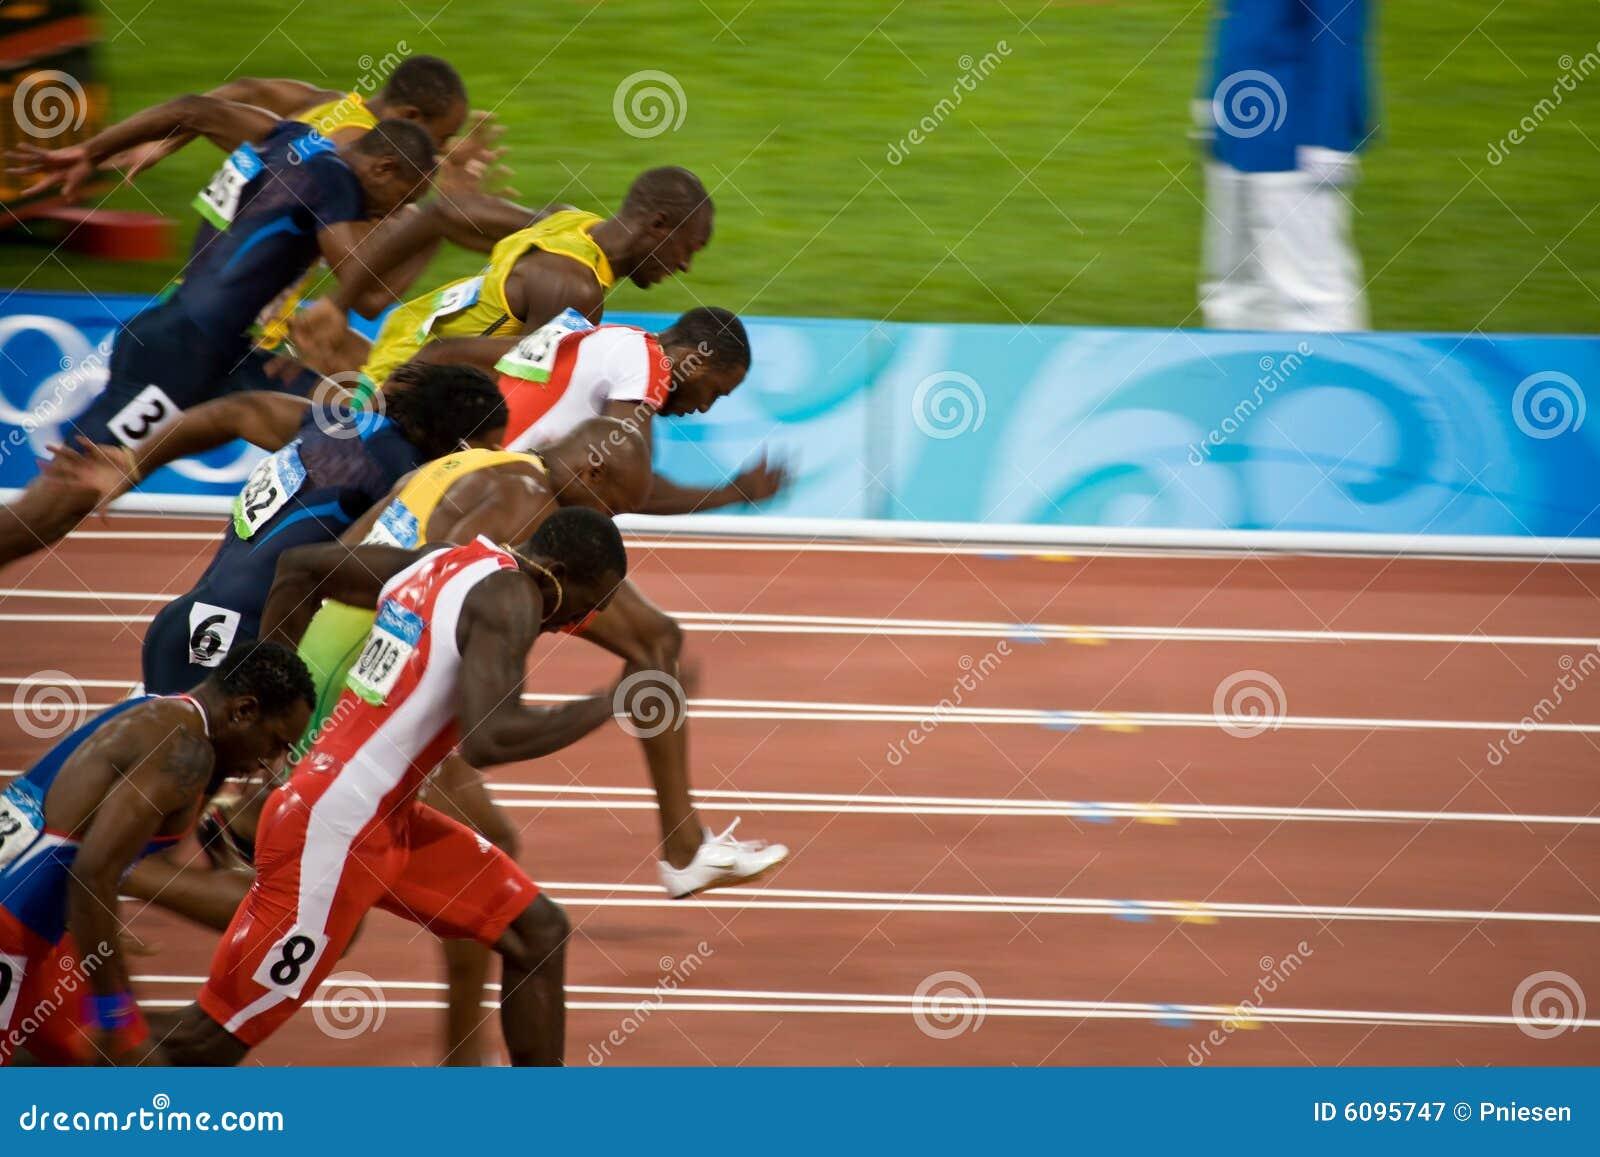 100 mensräkneverkolympiska spel sprintar